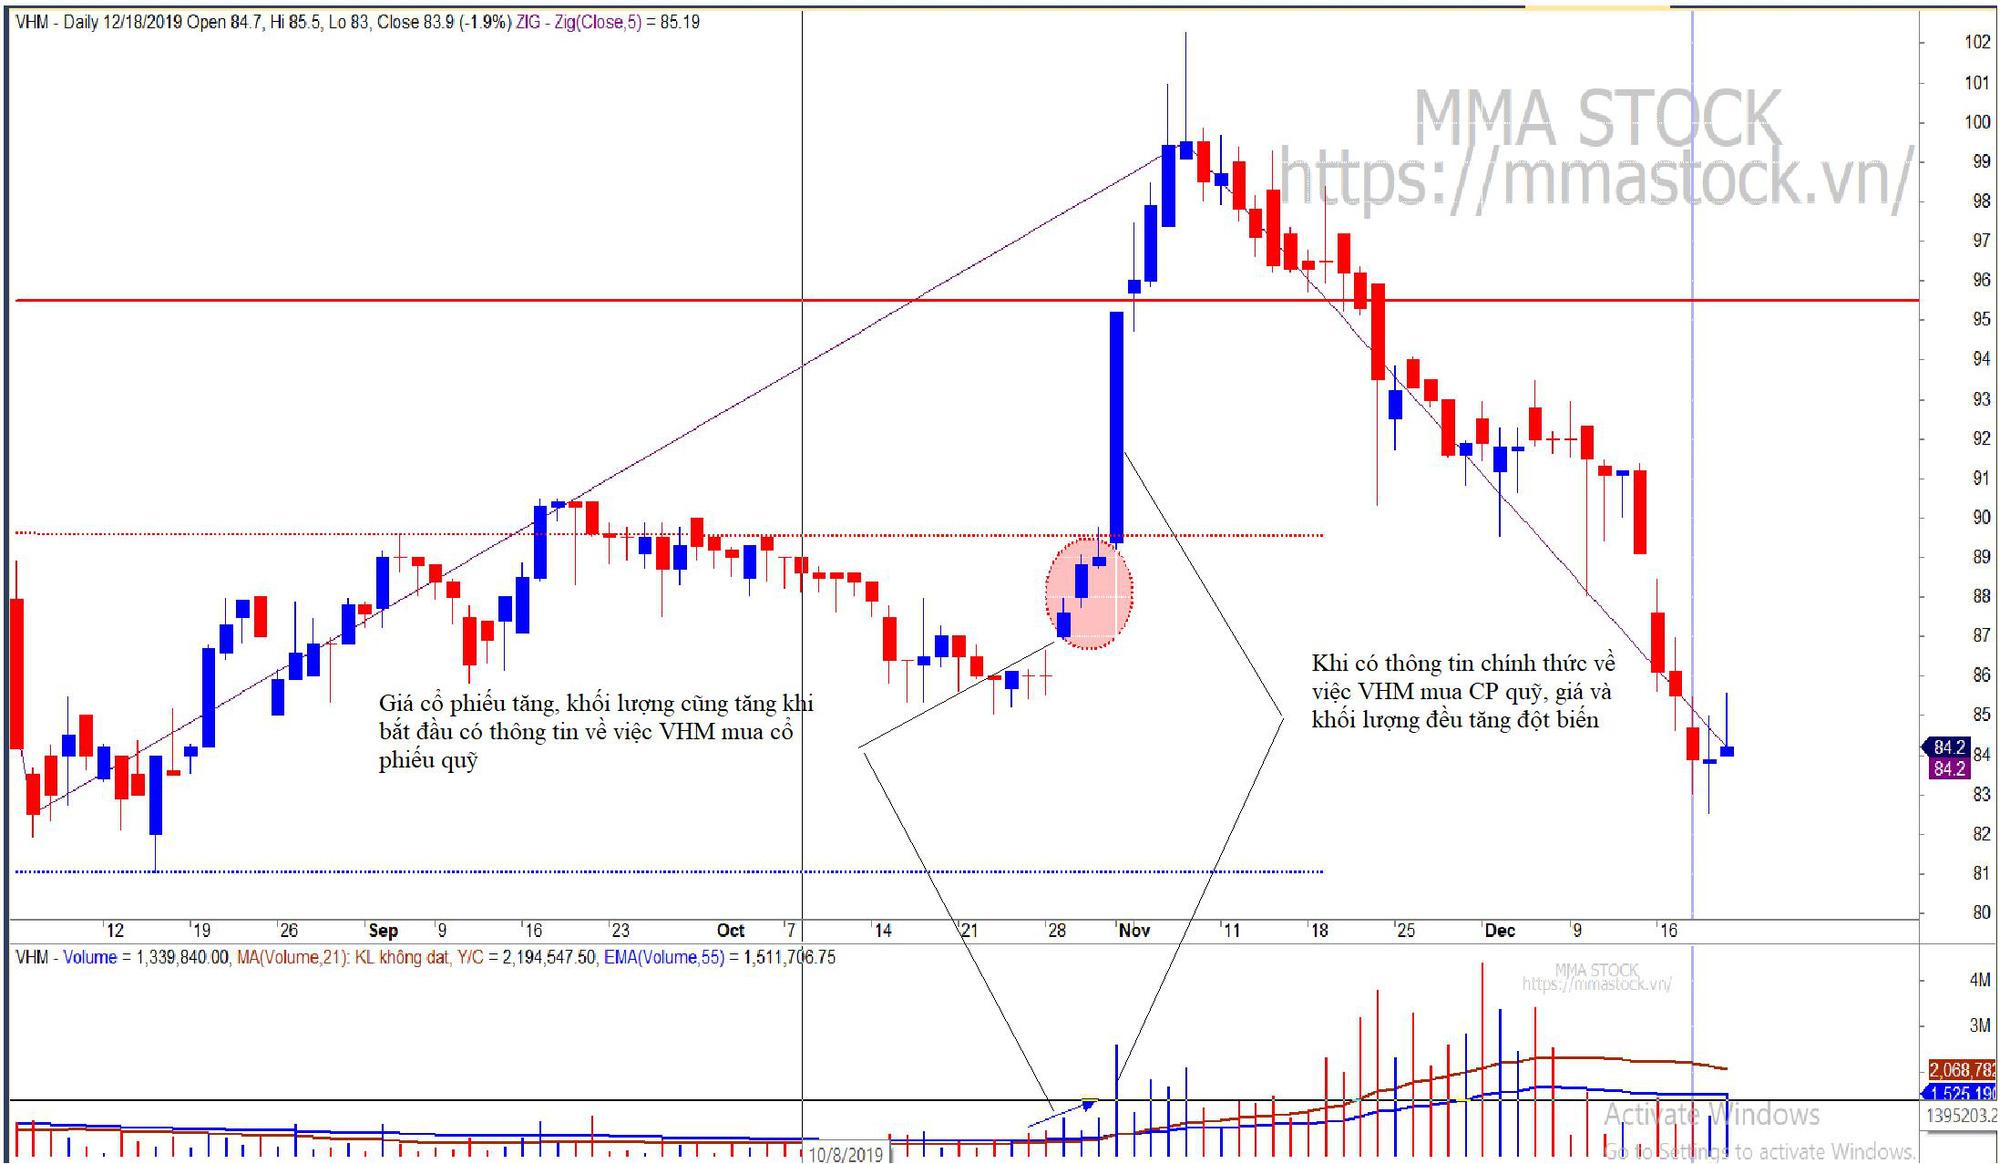 Nhà đầu tư cần biết: Phân tích các hành vi trên thị trường chứng khoán thông qua sự biến động của khối lượng (phần 1) - Ảnh 1.